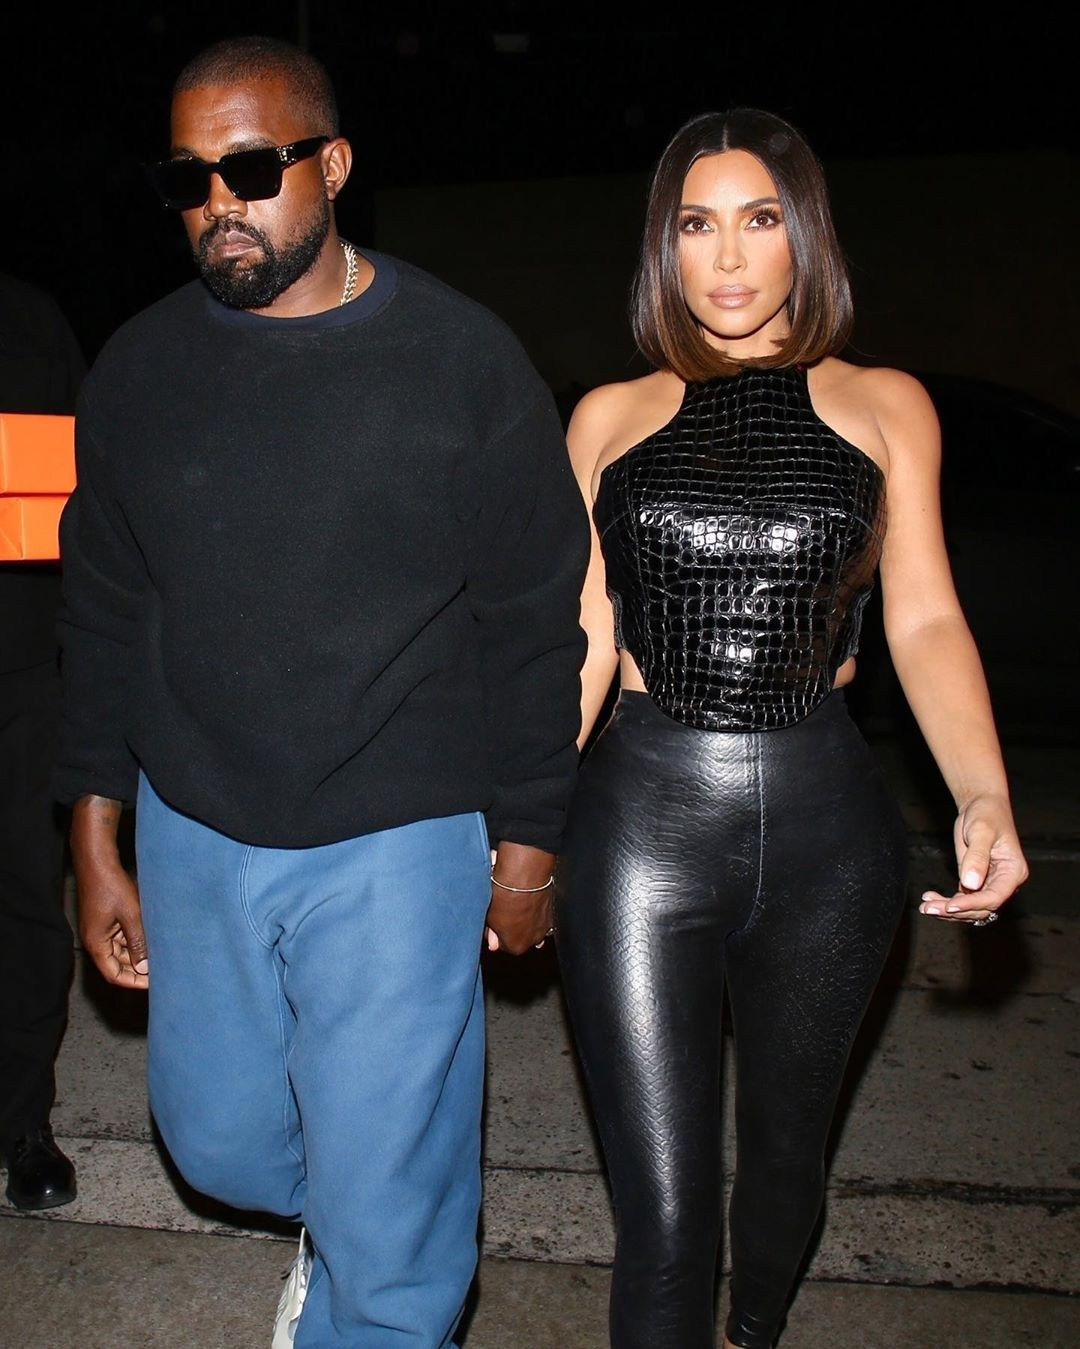 Фото: Ким Кардашьян и Канье Уэст сходили на свидание в Голливуде